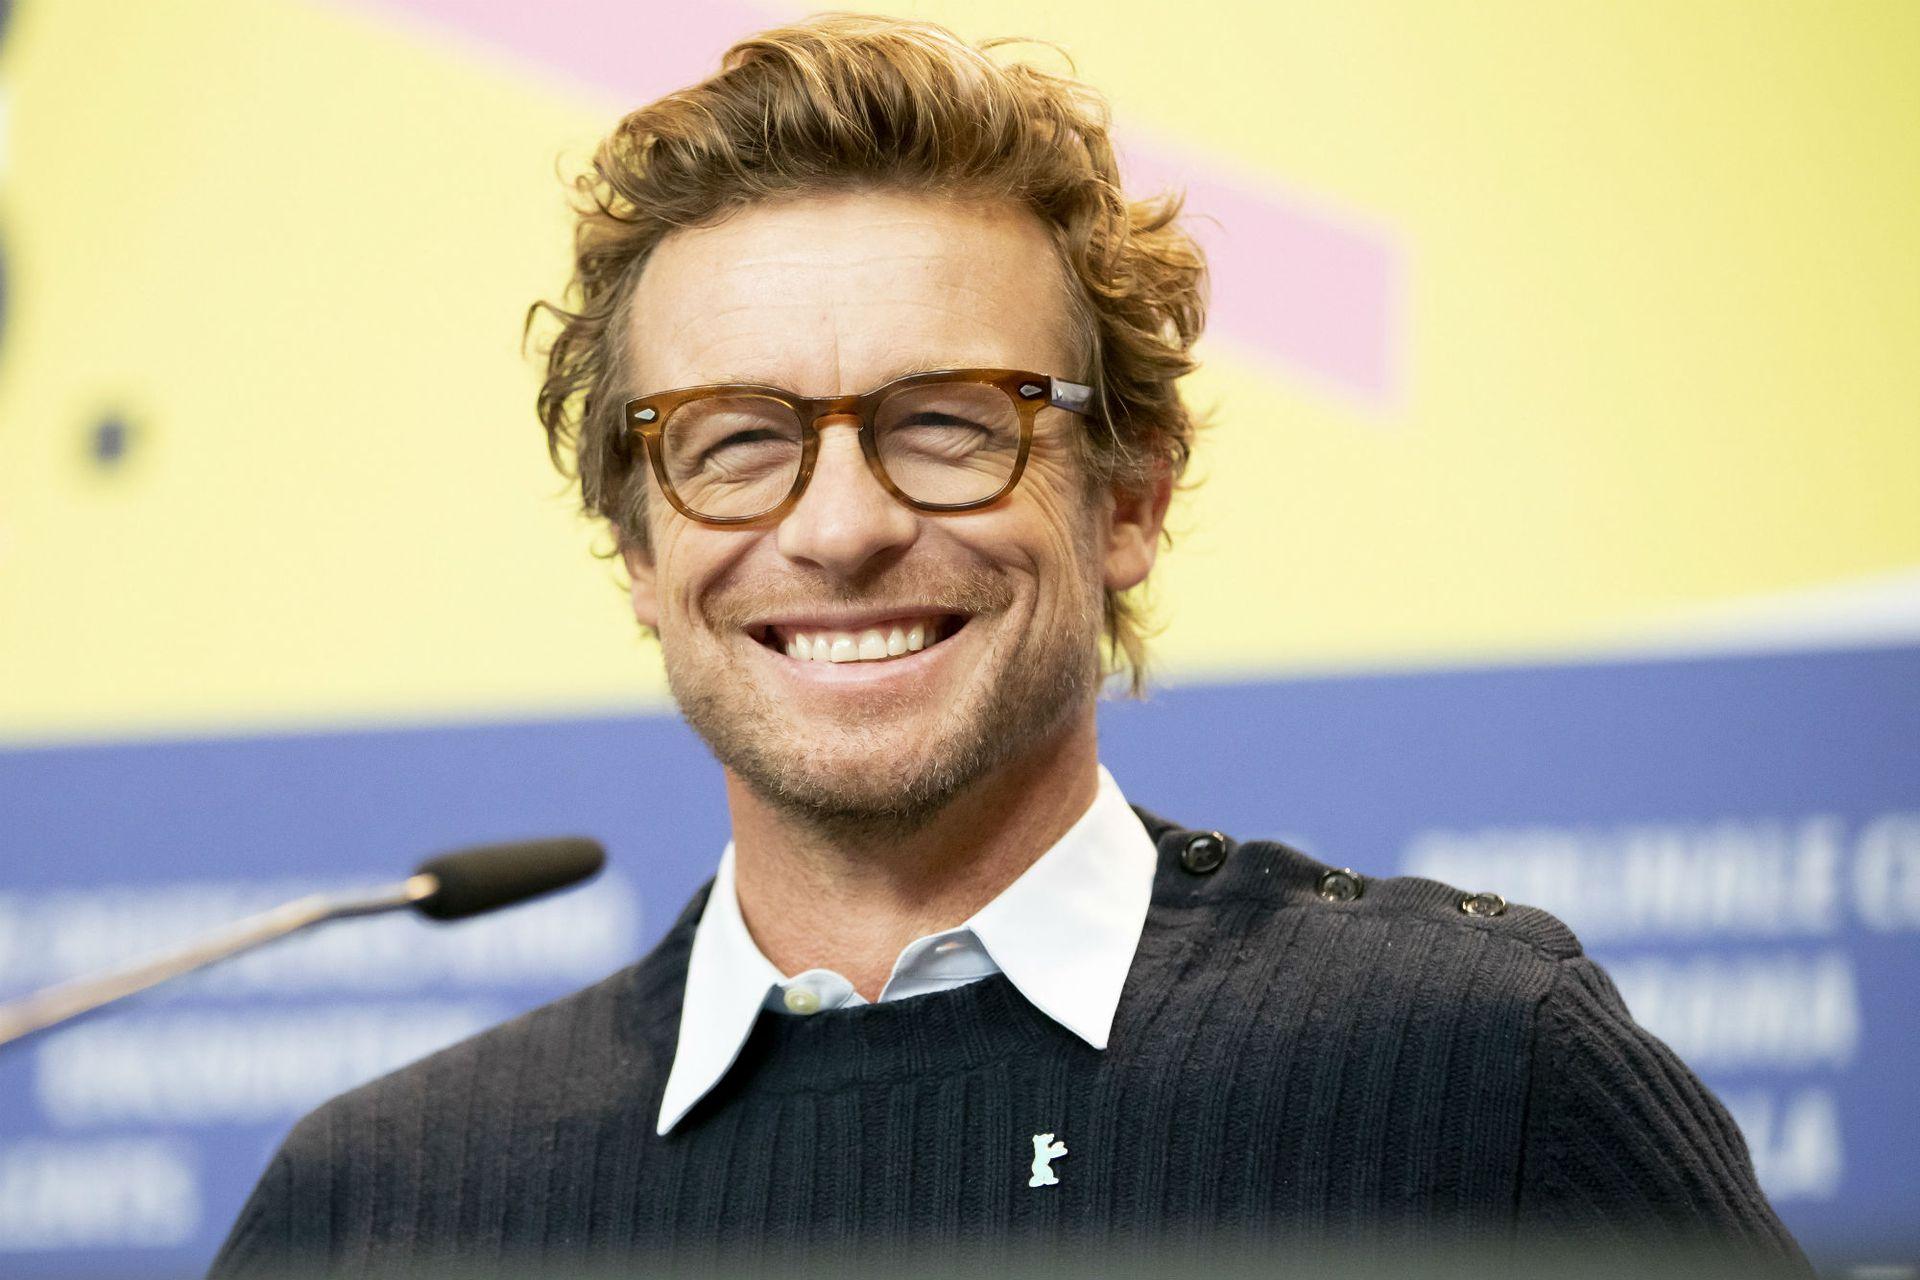 El actor australiano de 50 años saltó a la fama gracias a la serie The Mentalist